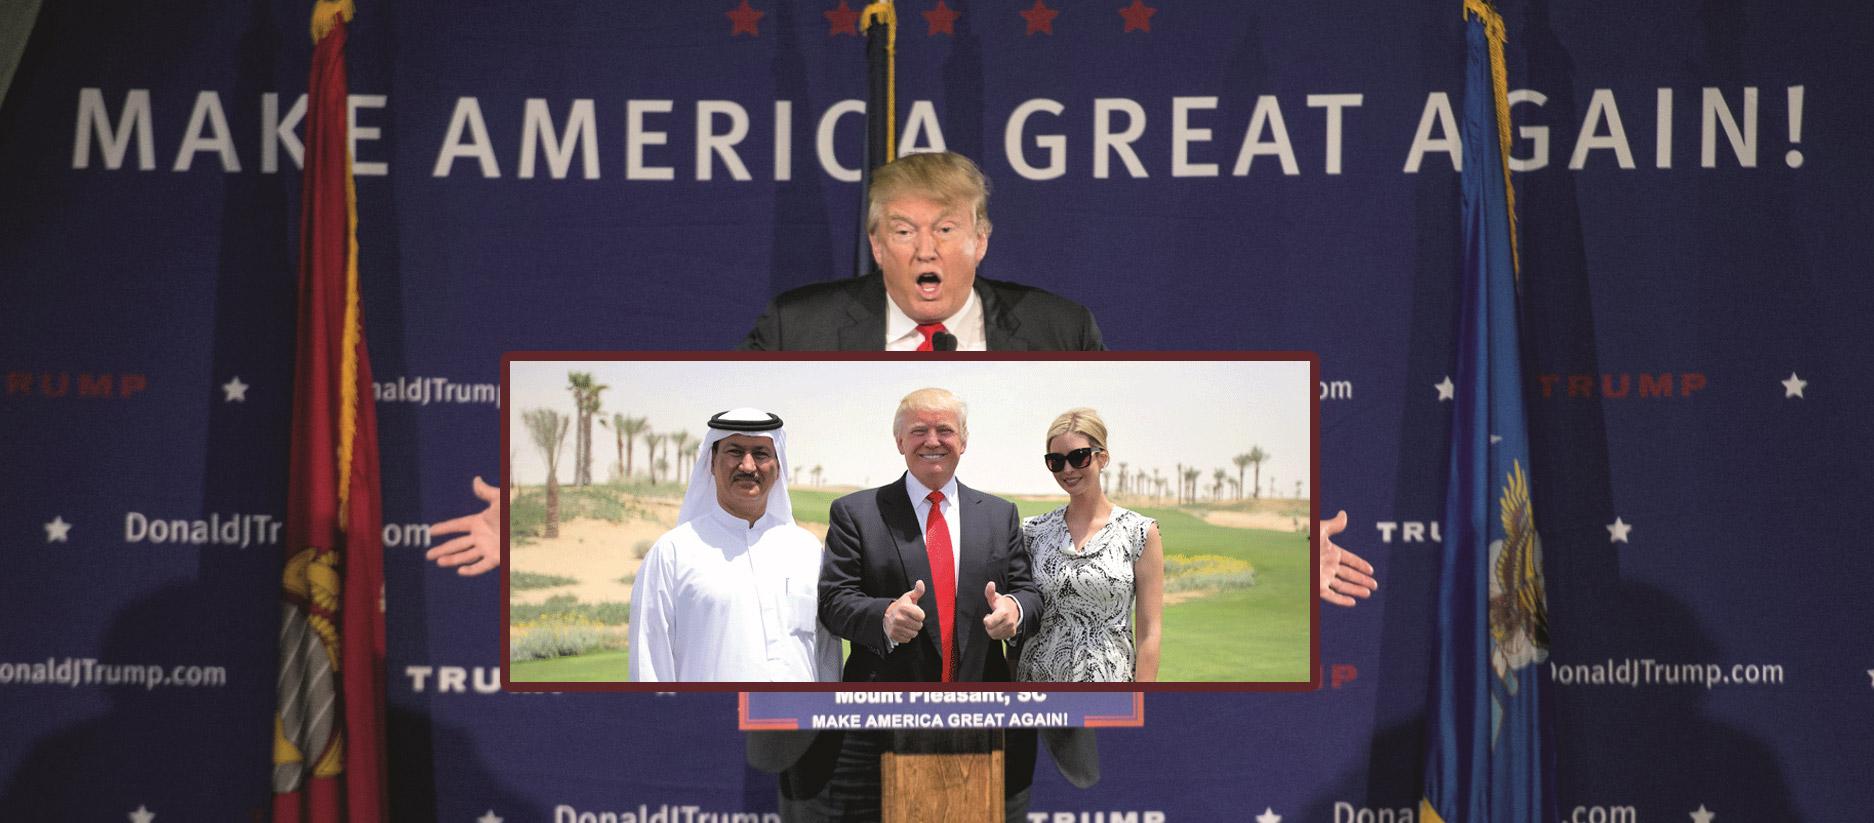 Arapske poslovne veze Donalda Trumpa